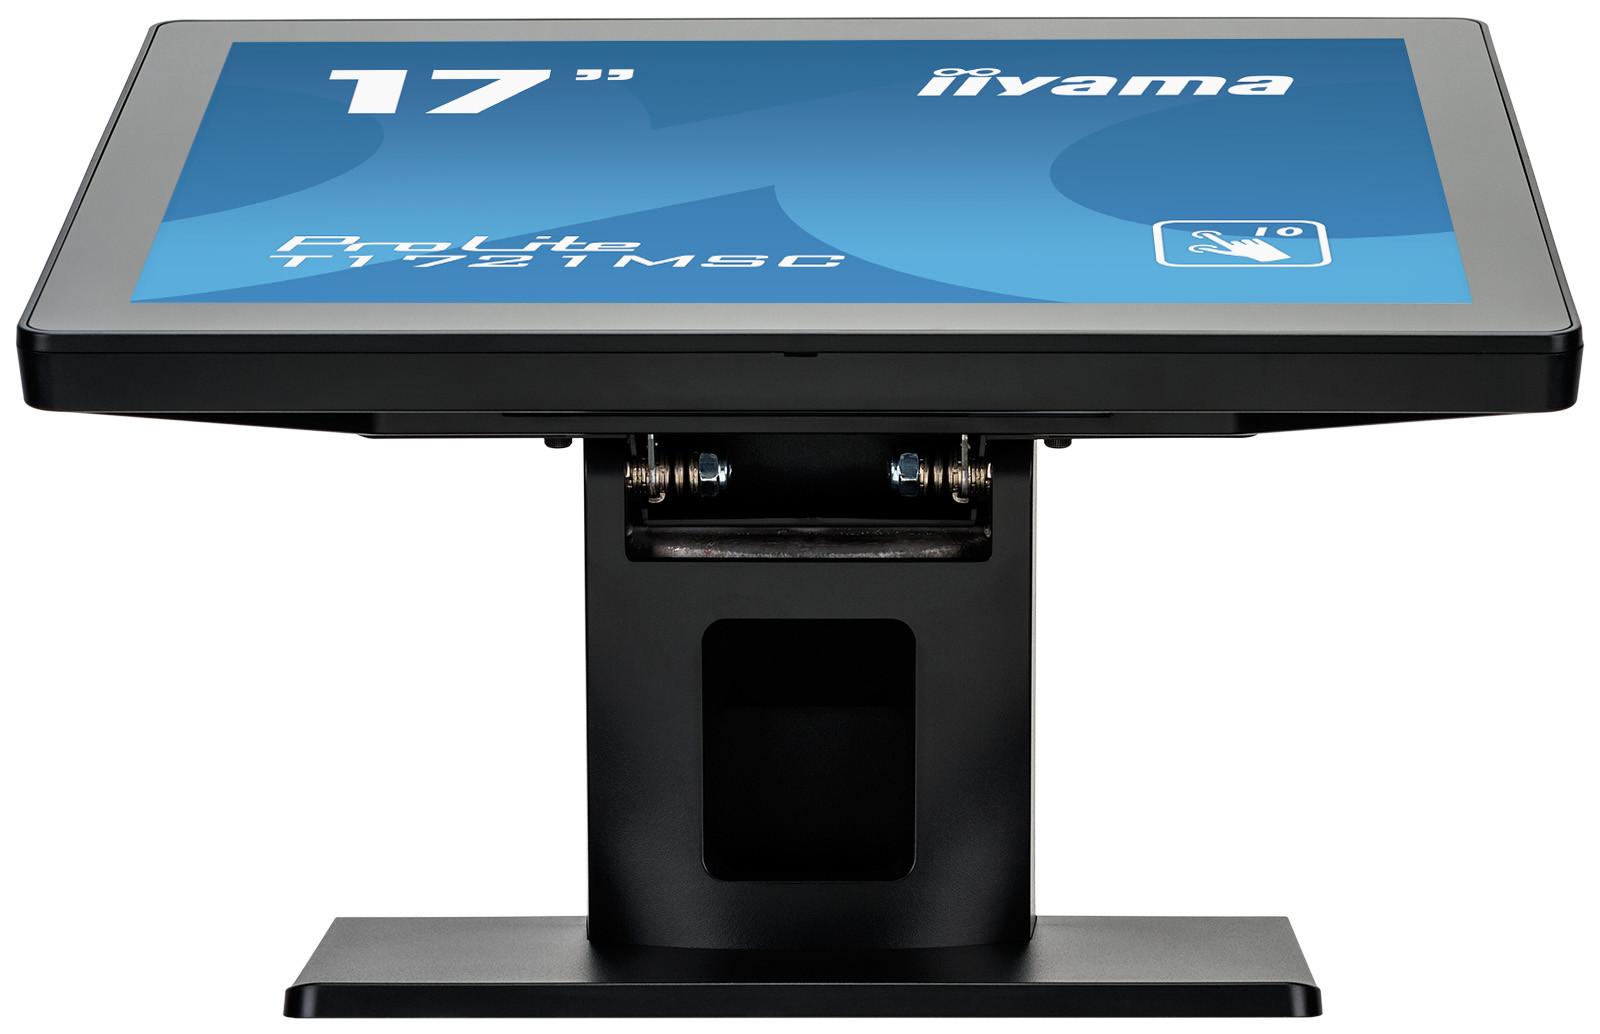 T1721MSC-B1